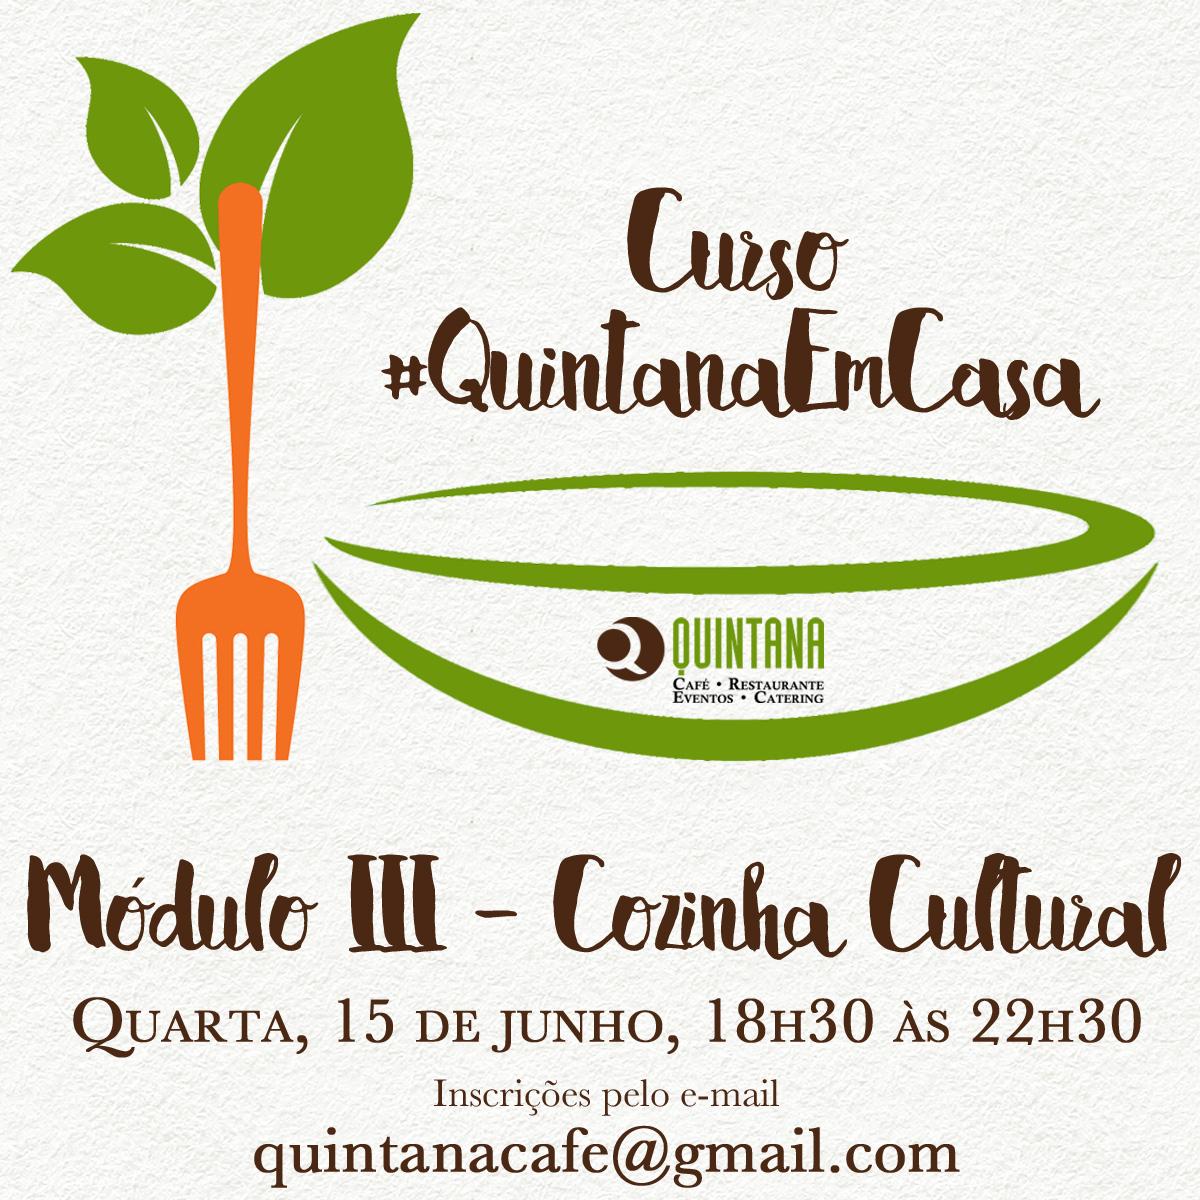 Refeição completa repleta de cultura e inspiração no curso #QuintanaEmCasa III